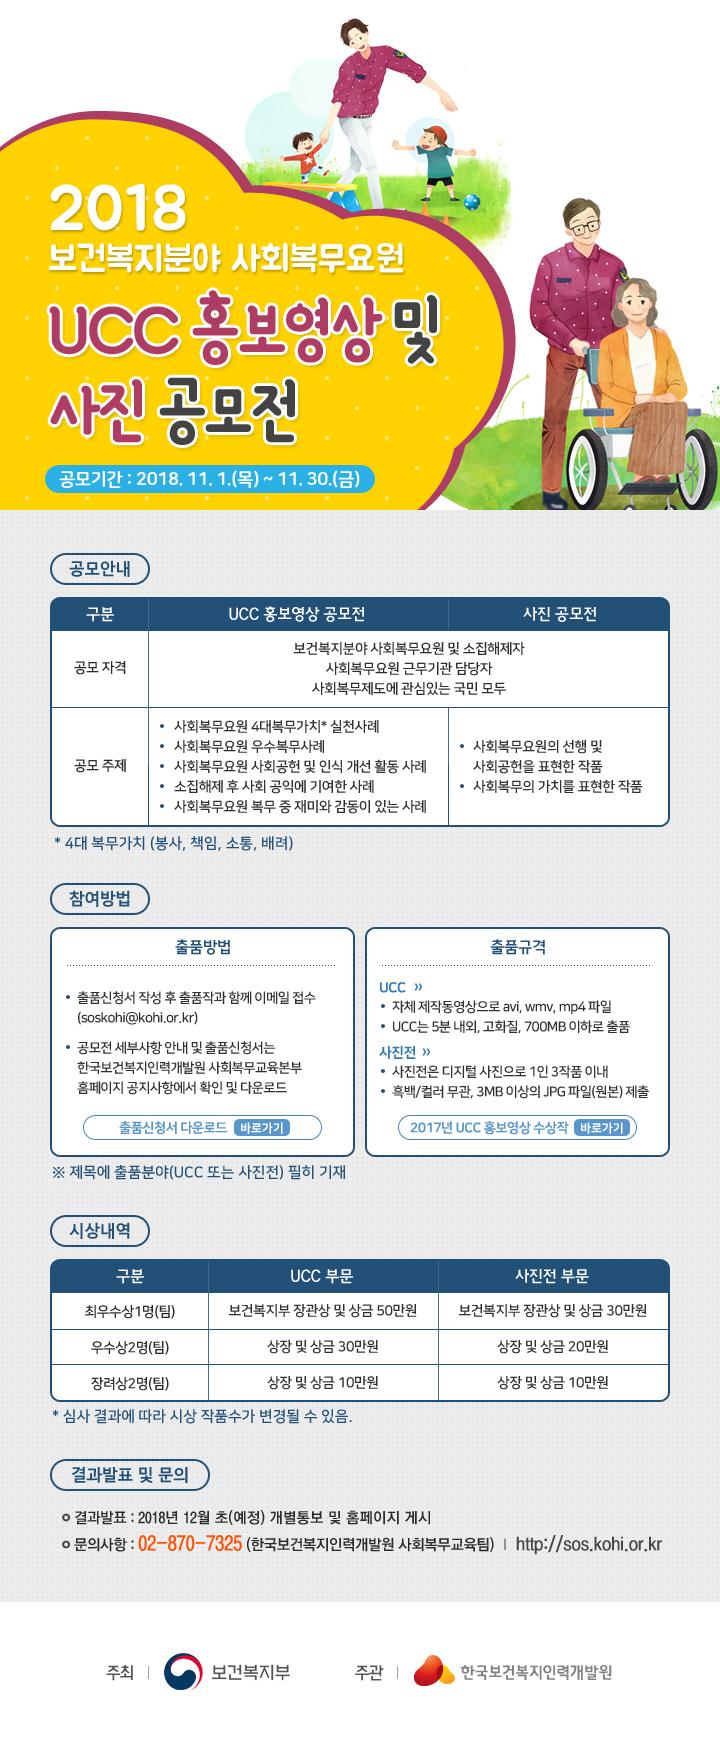 '18년 사회복무요원 UCC홍보영상 및 사진 공모전 포스터.jpg